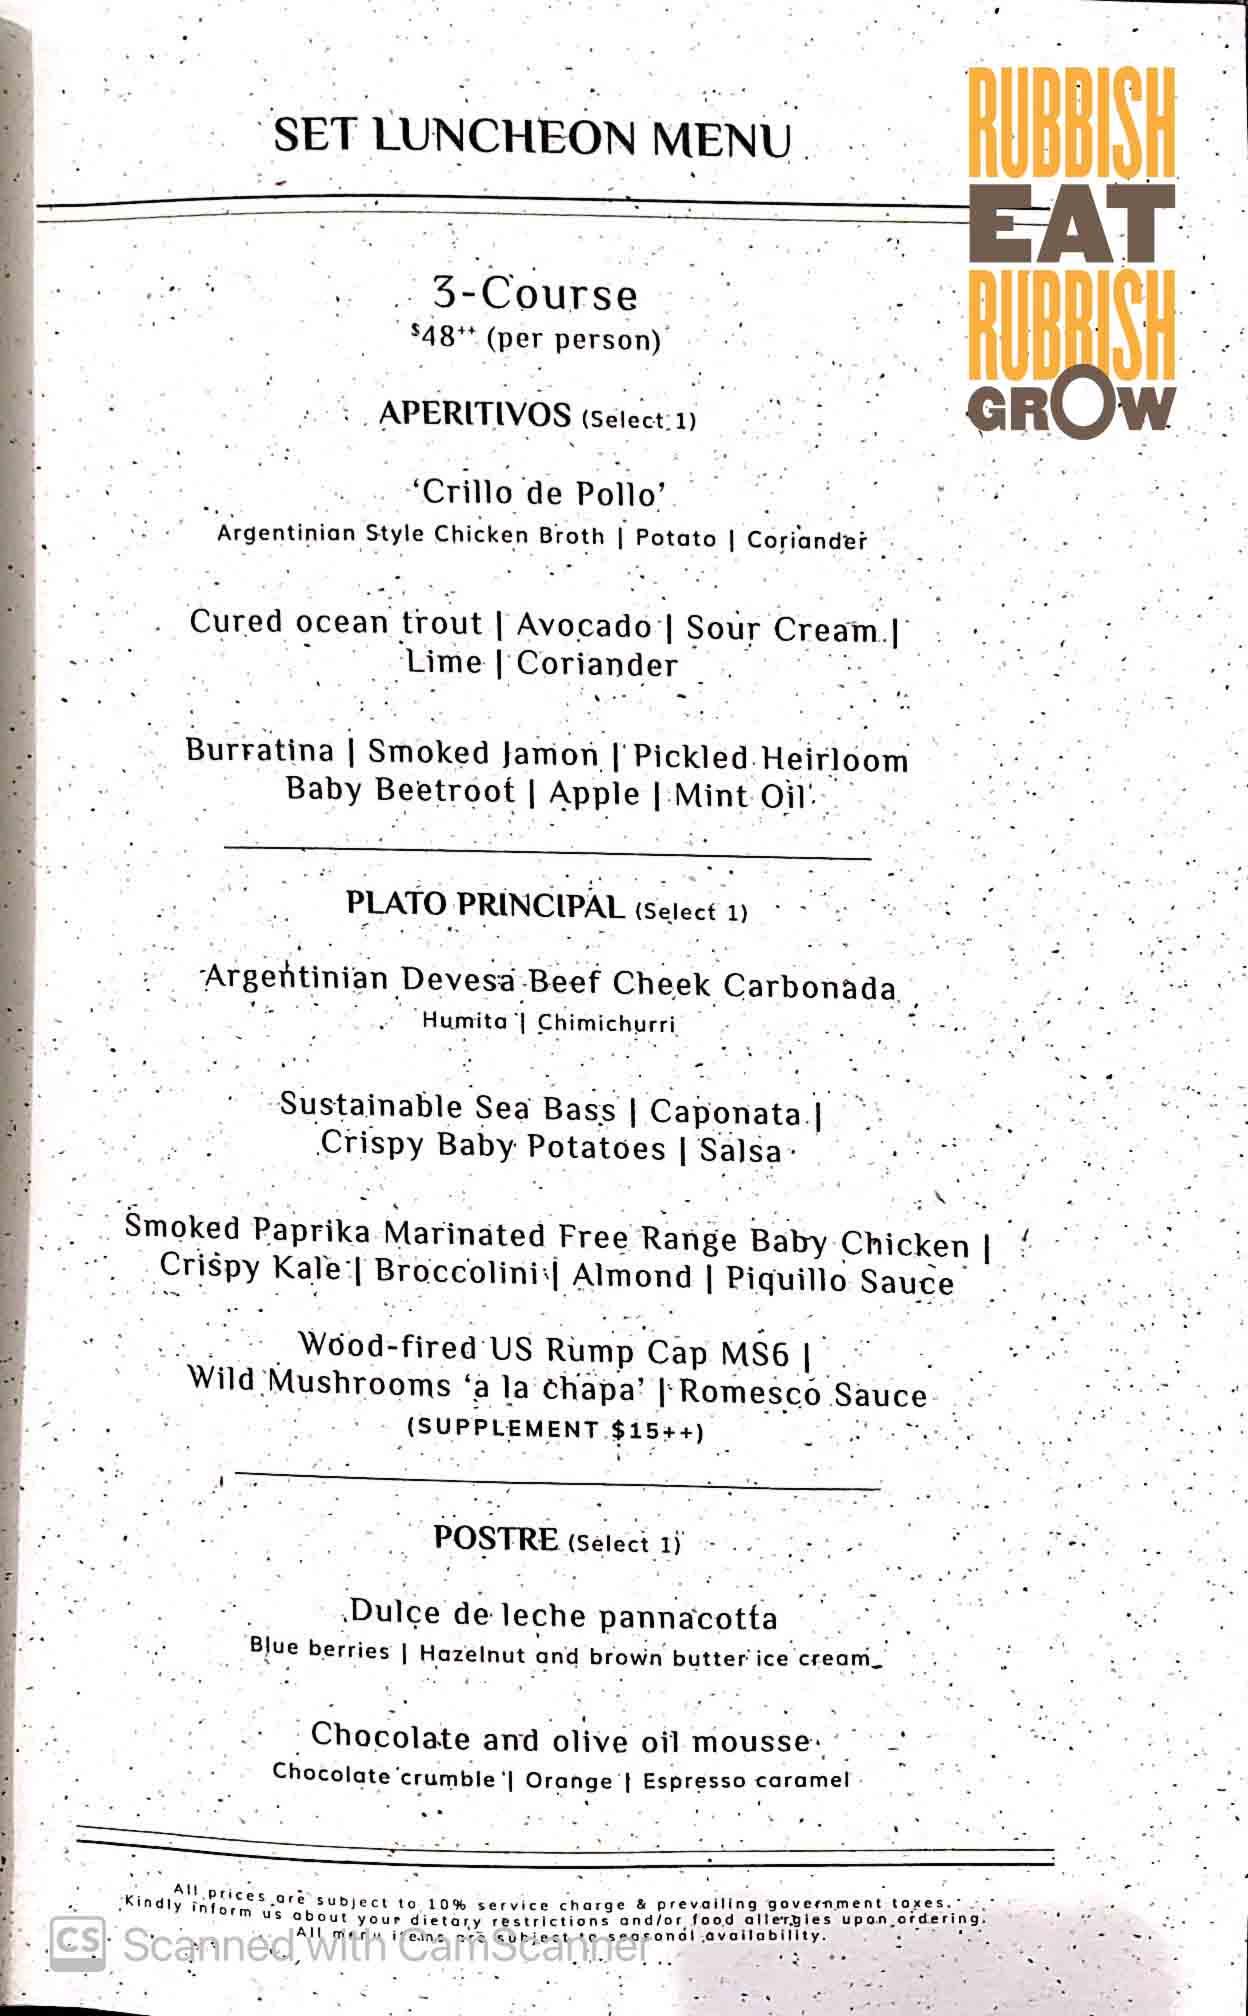 Fire@1-Atico menu